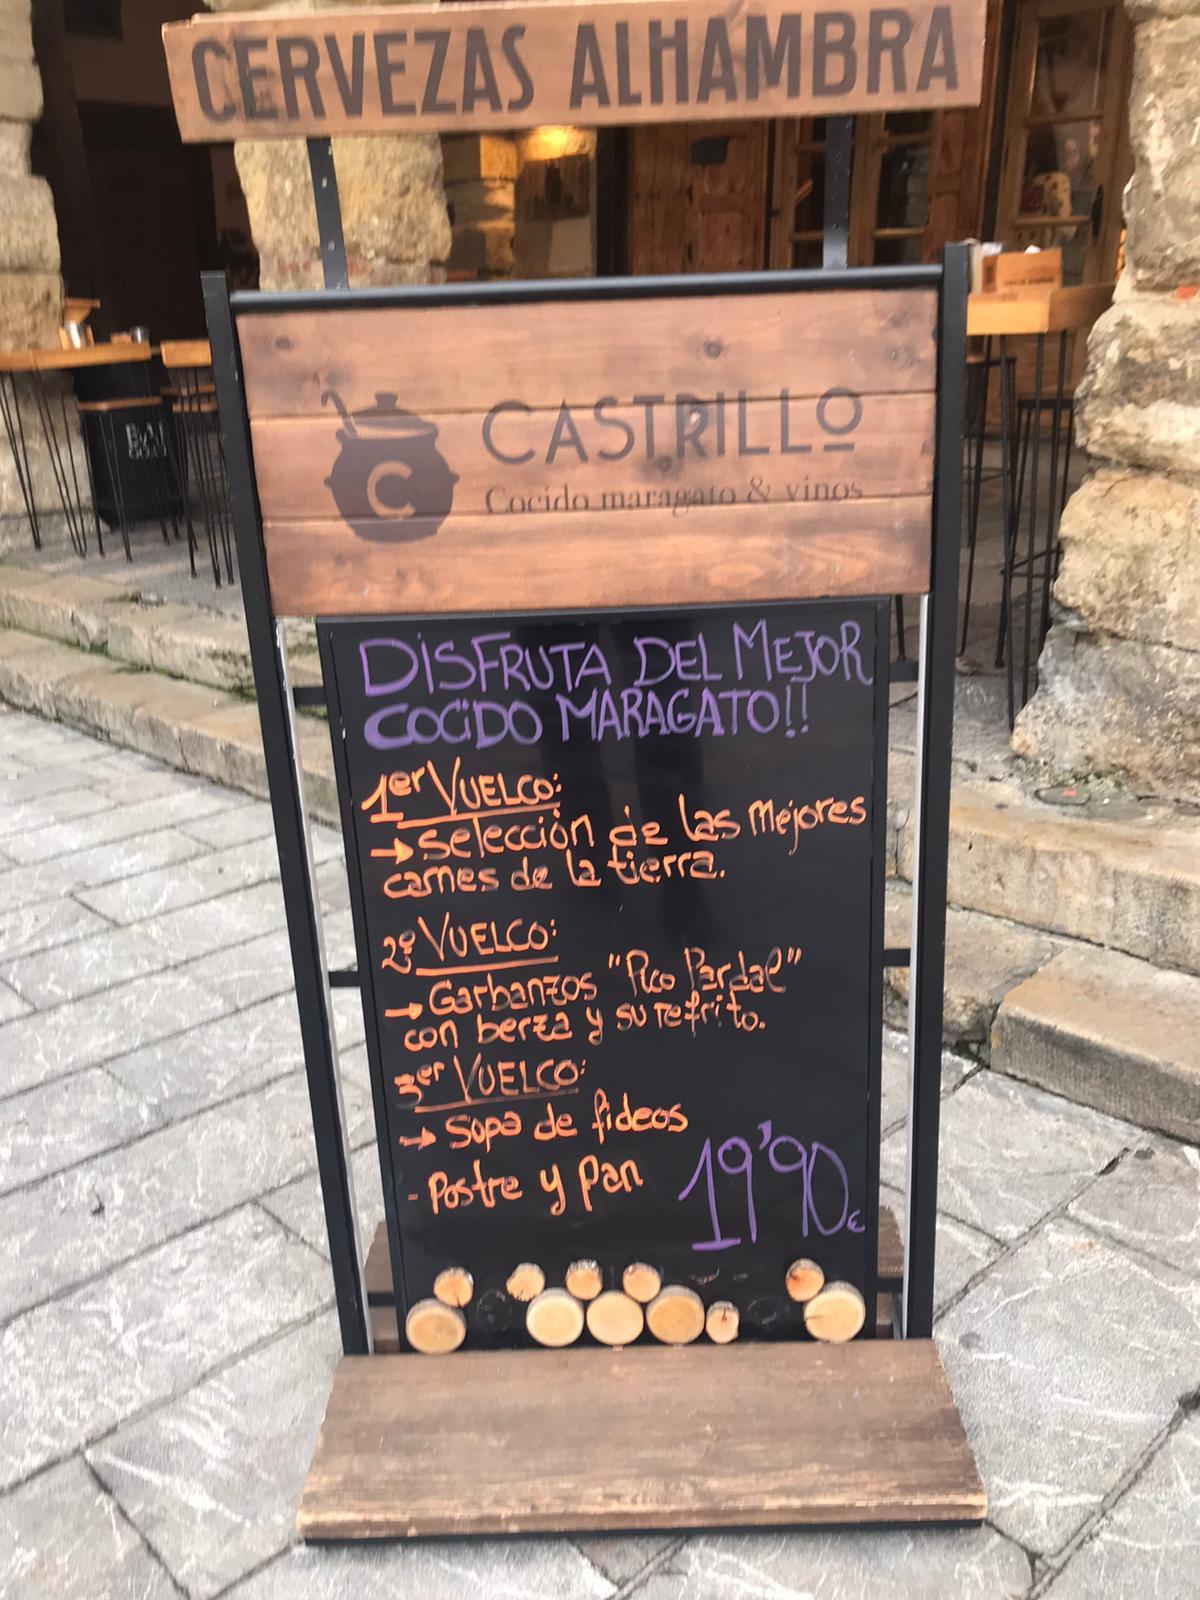 Reseña gastronómica: Restaurante Castrillo de León 2